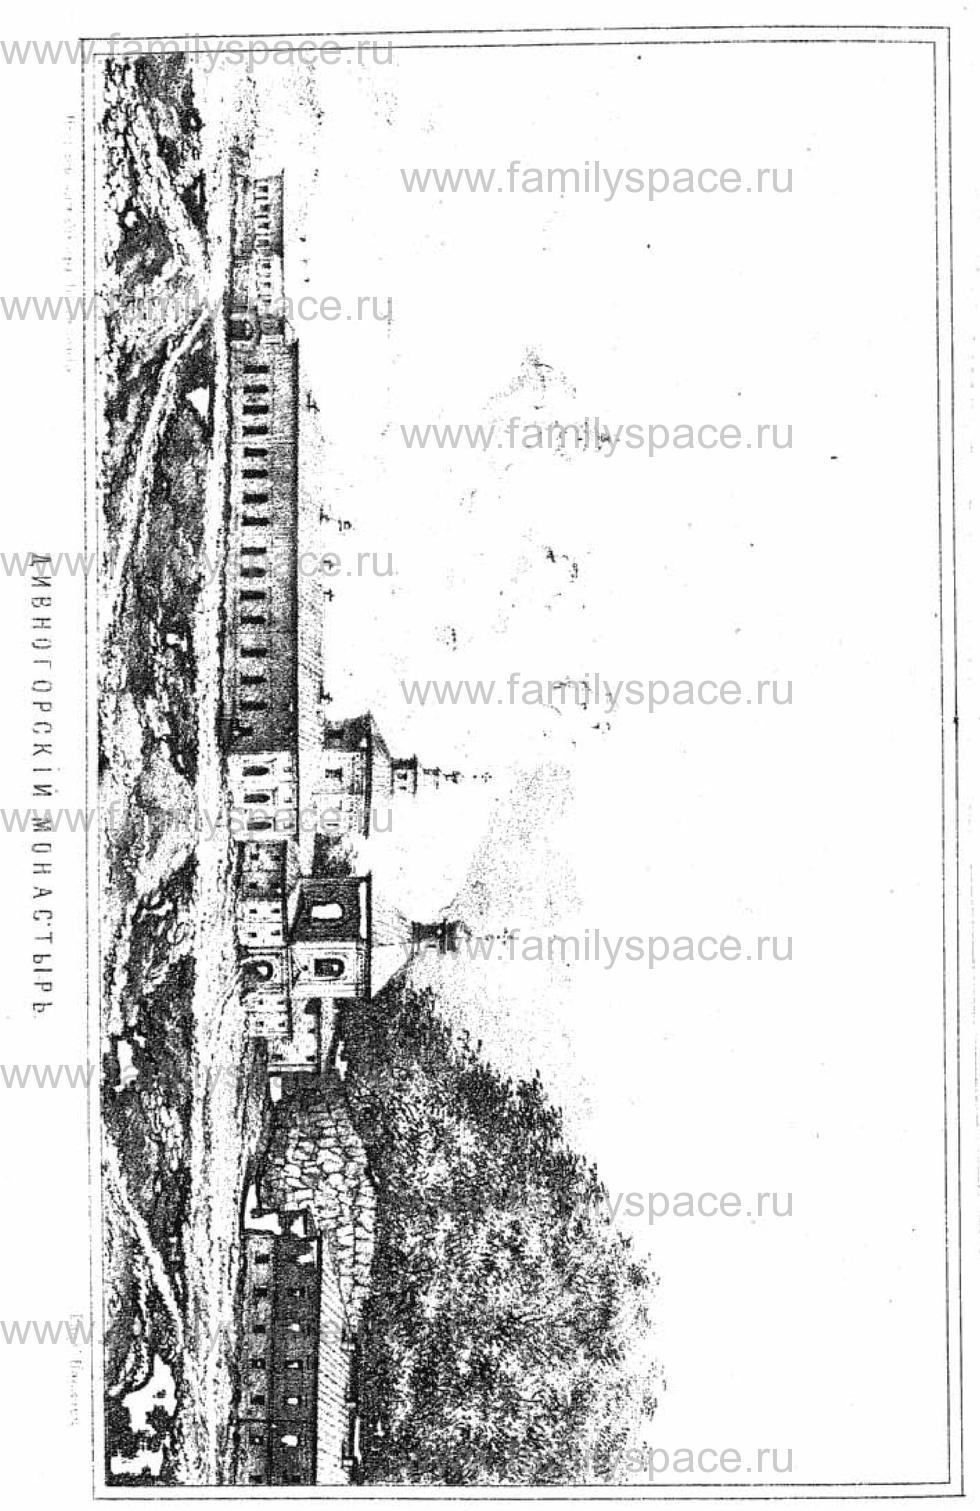 Поиск по фамилии - Памятная книжка Воронежской губернии на 1863-1864 годы, страница -1